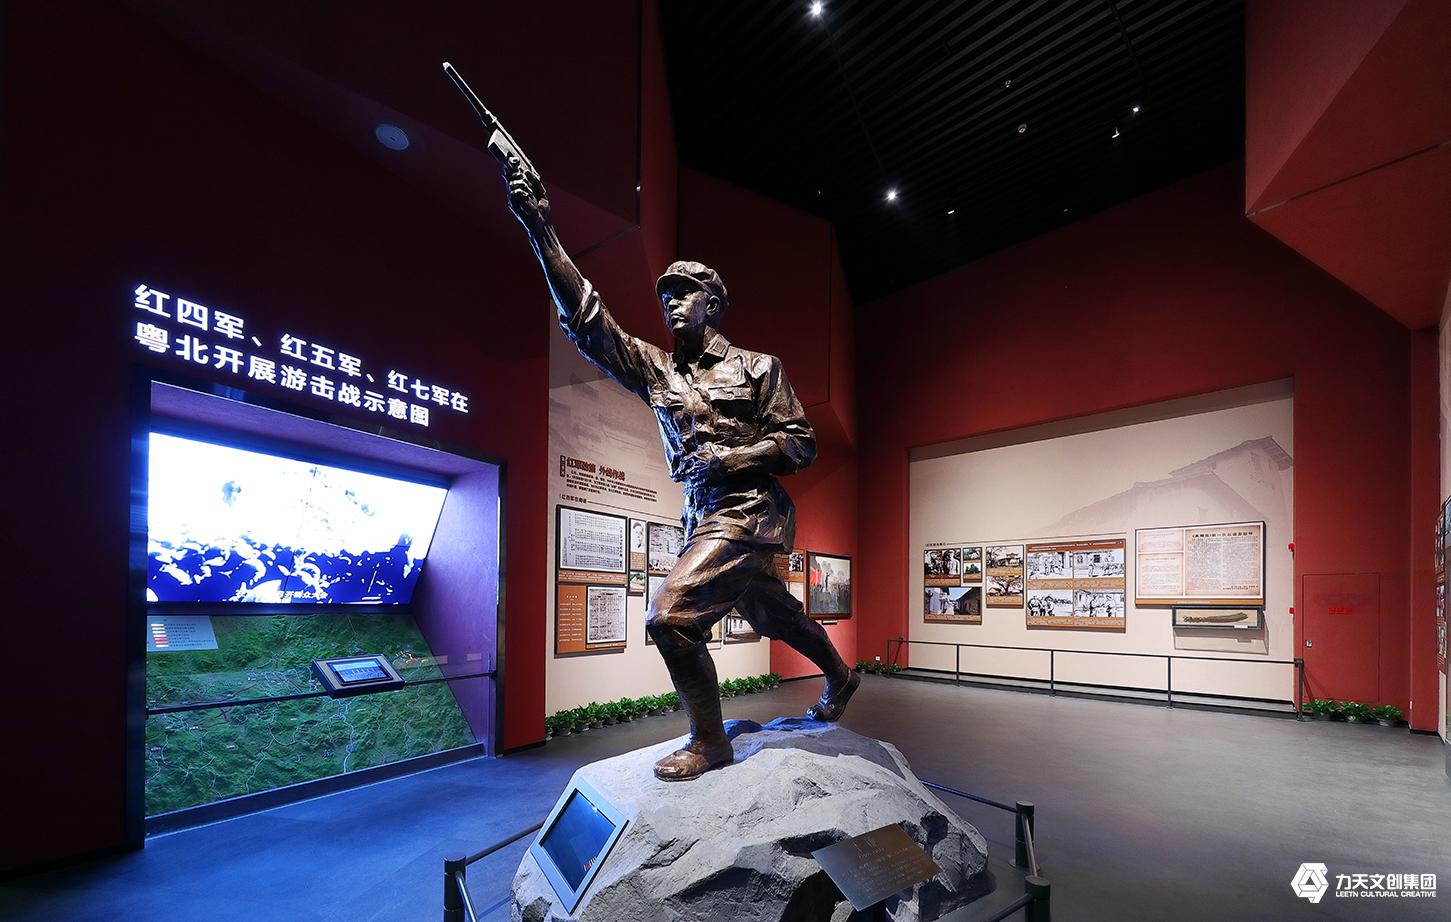 红军长征粤北纪念馆  广东唯一一个以纪念红军长征为主题的爱国主义教育基地  铜像雕塑造型  李谦铸铜雕塑